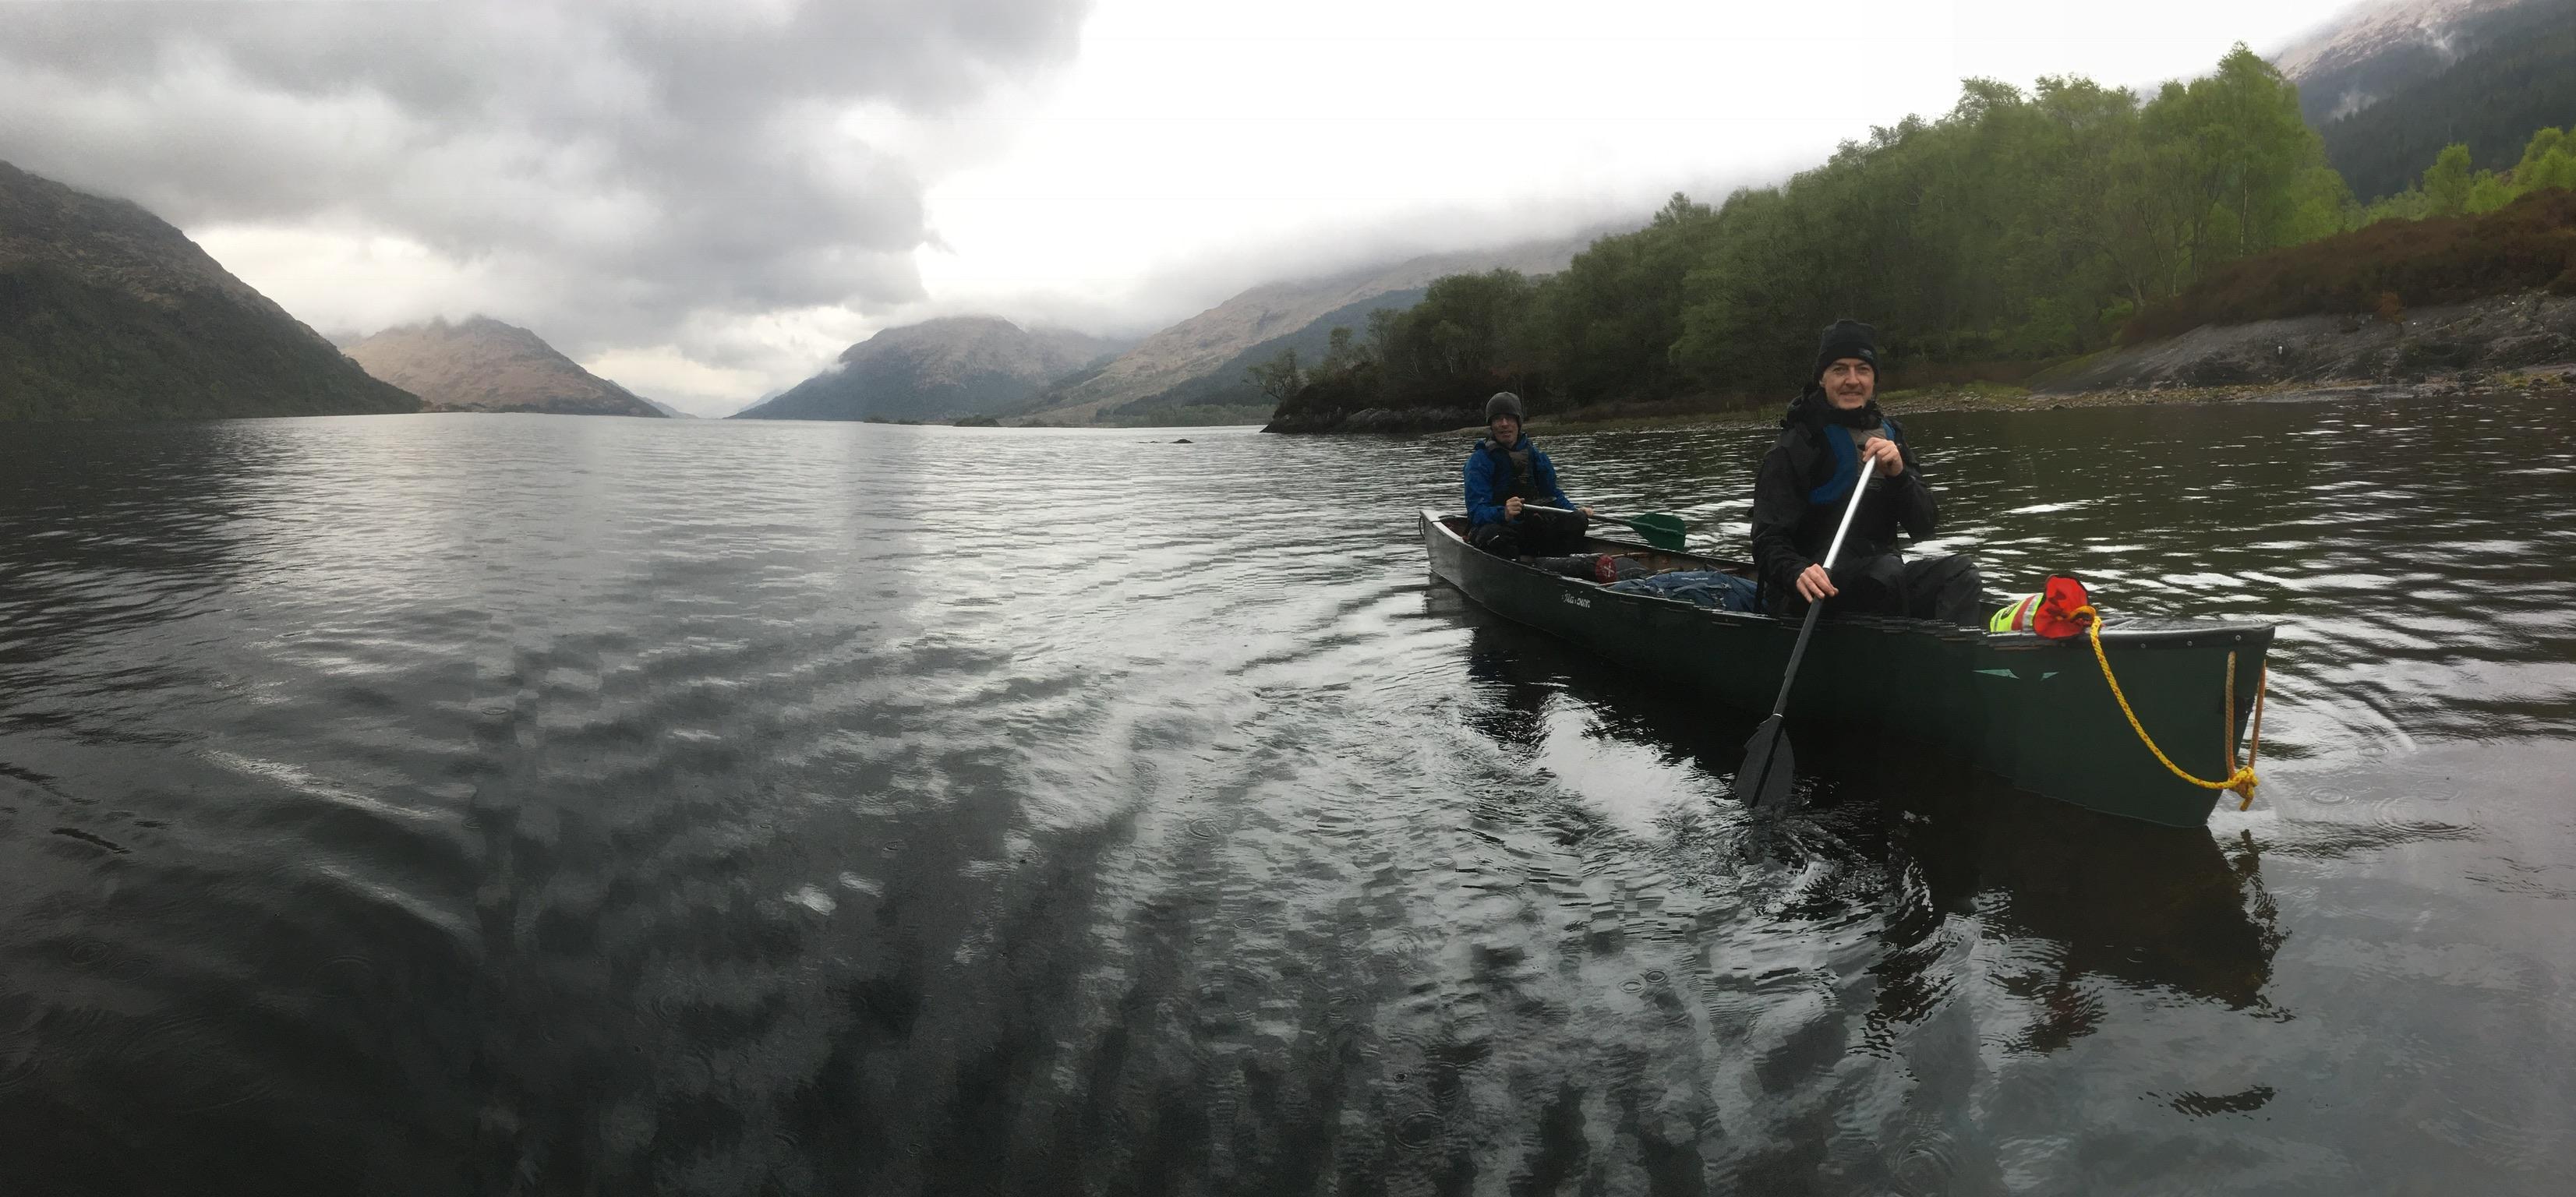 Canoe expedition Bushcraft Scotland